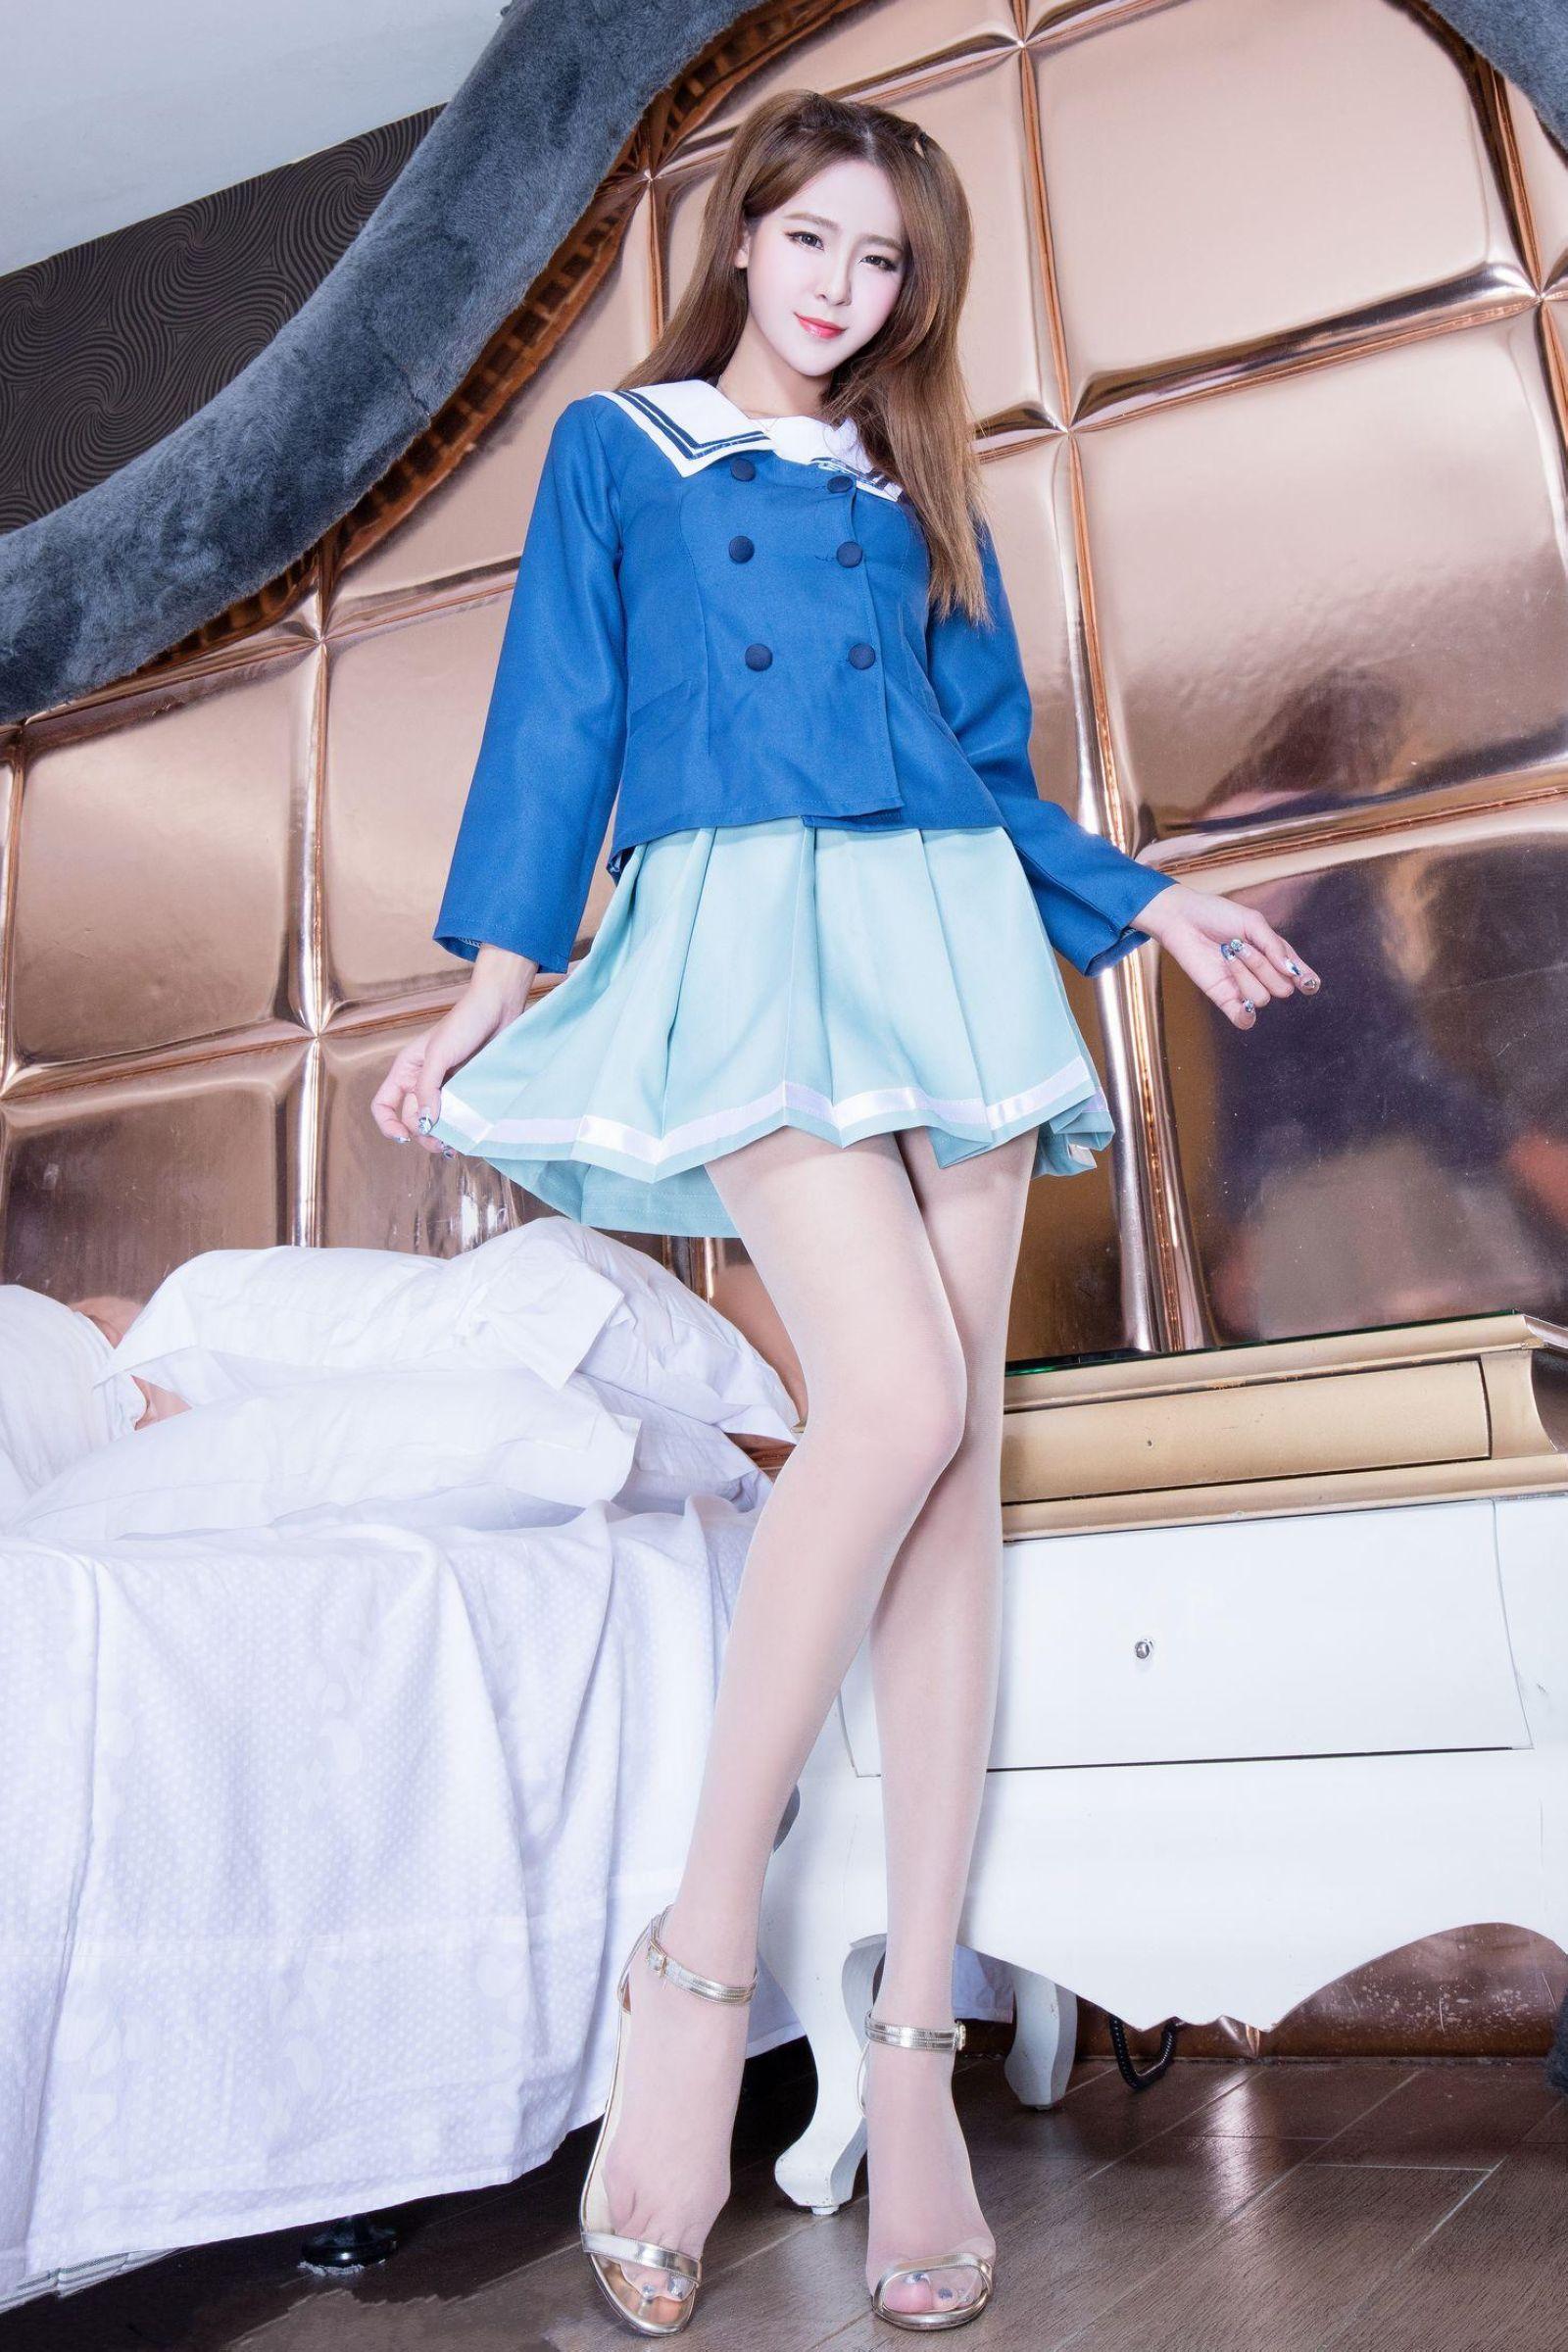 亚洲制服下载_亚洲美女腿模winnie肉丝美腿蓝色制服诱惑写